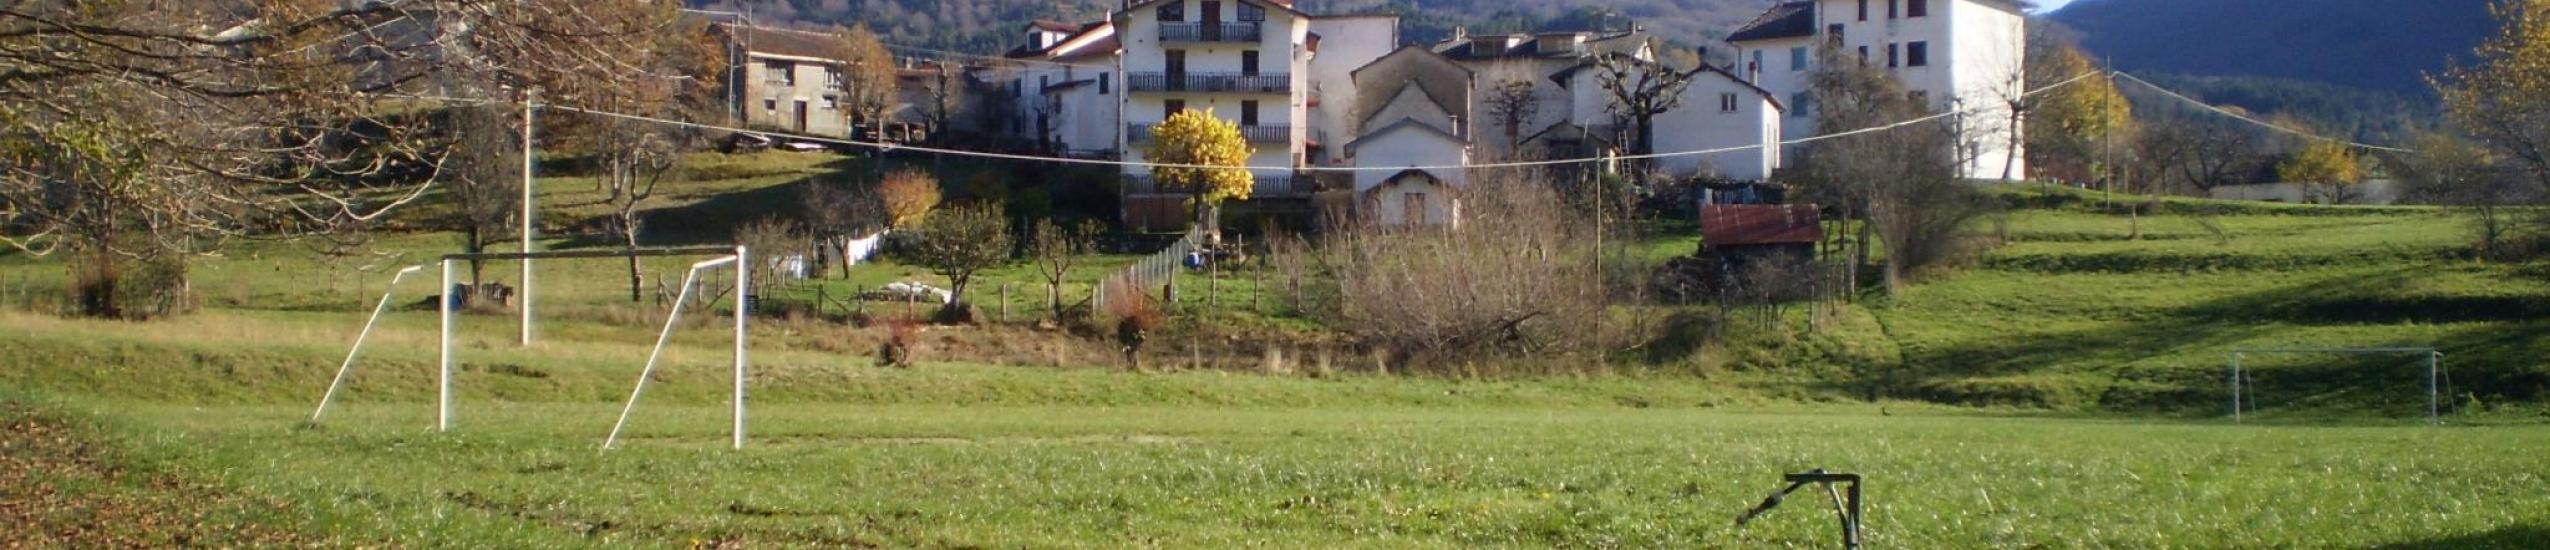 il campo in erba